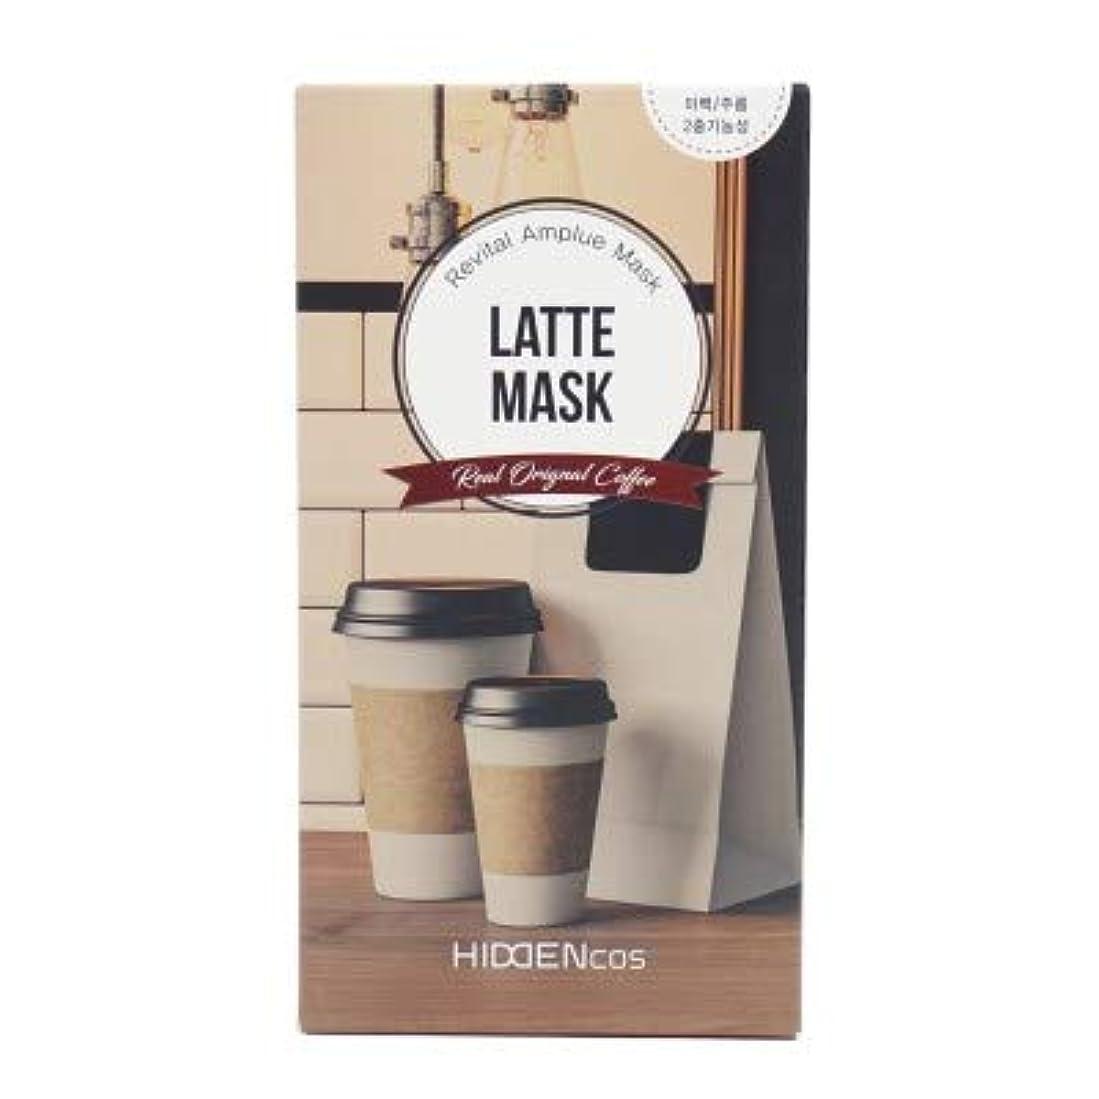 ヒデンコス(Hiddencos) リバイタルアンプルマスクラテマスク25gx10 / Revital Ampoule Mask Latte Mask